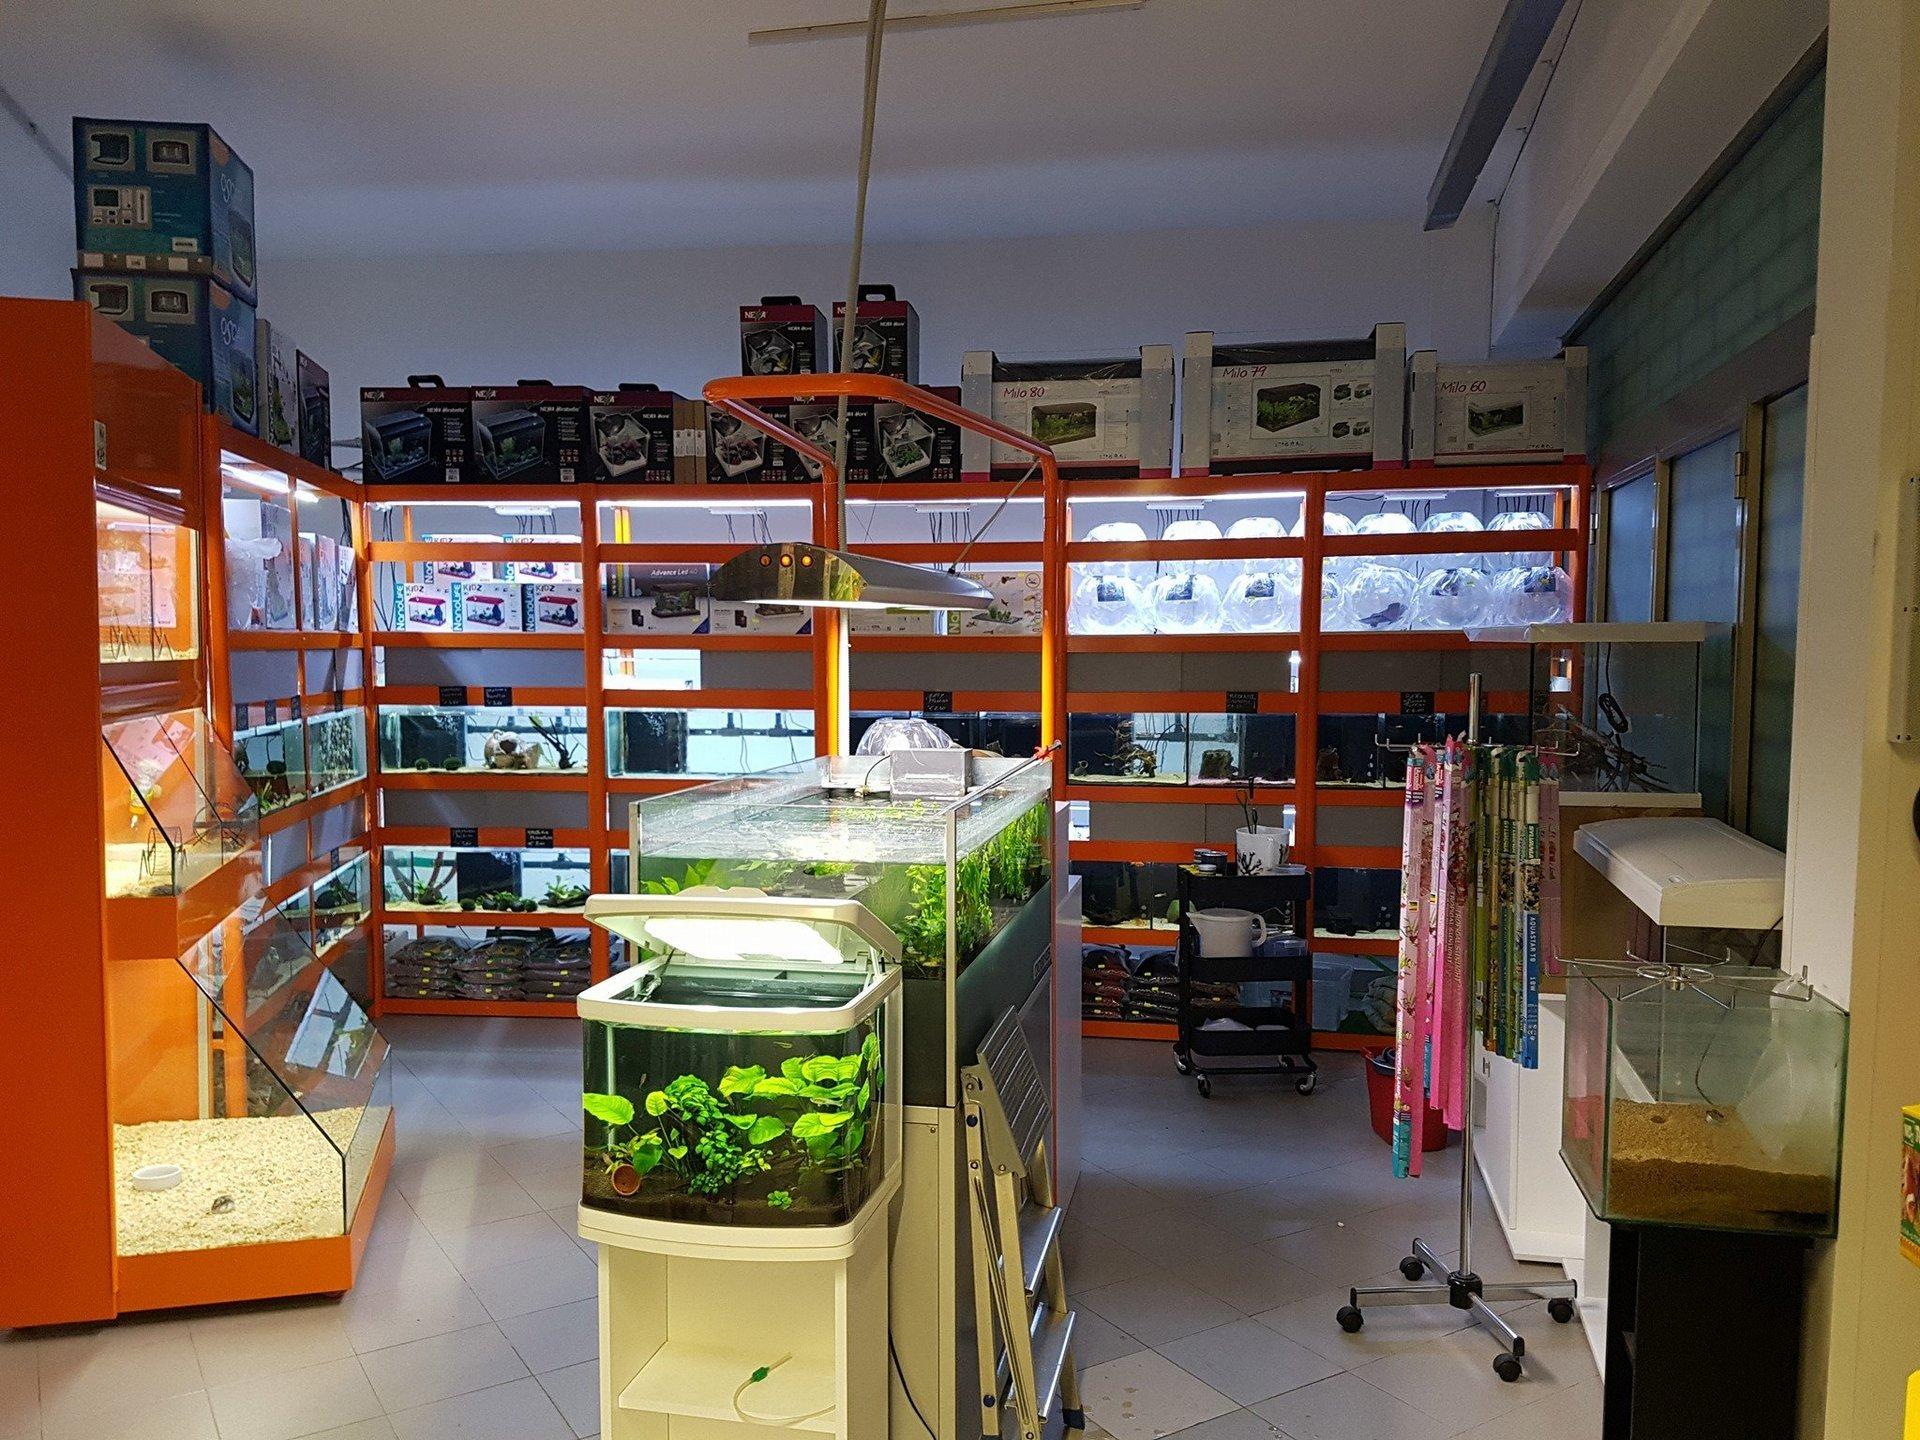 esposizione di acquari in un negozio di animali